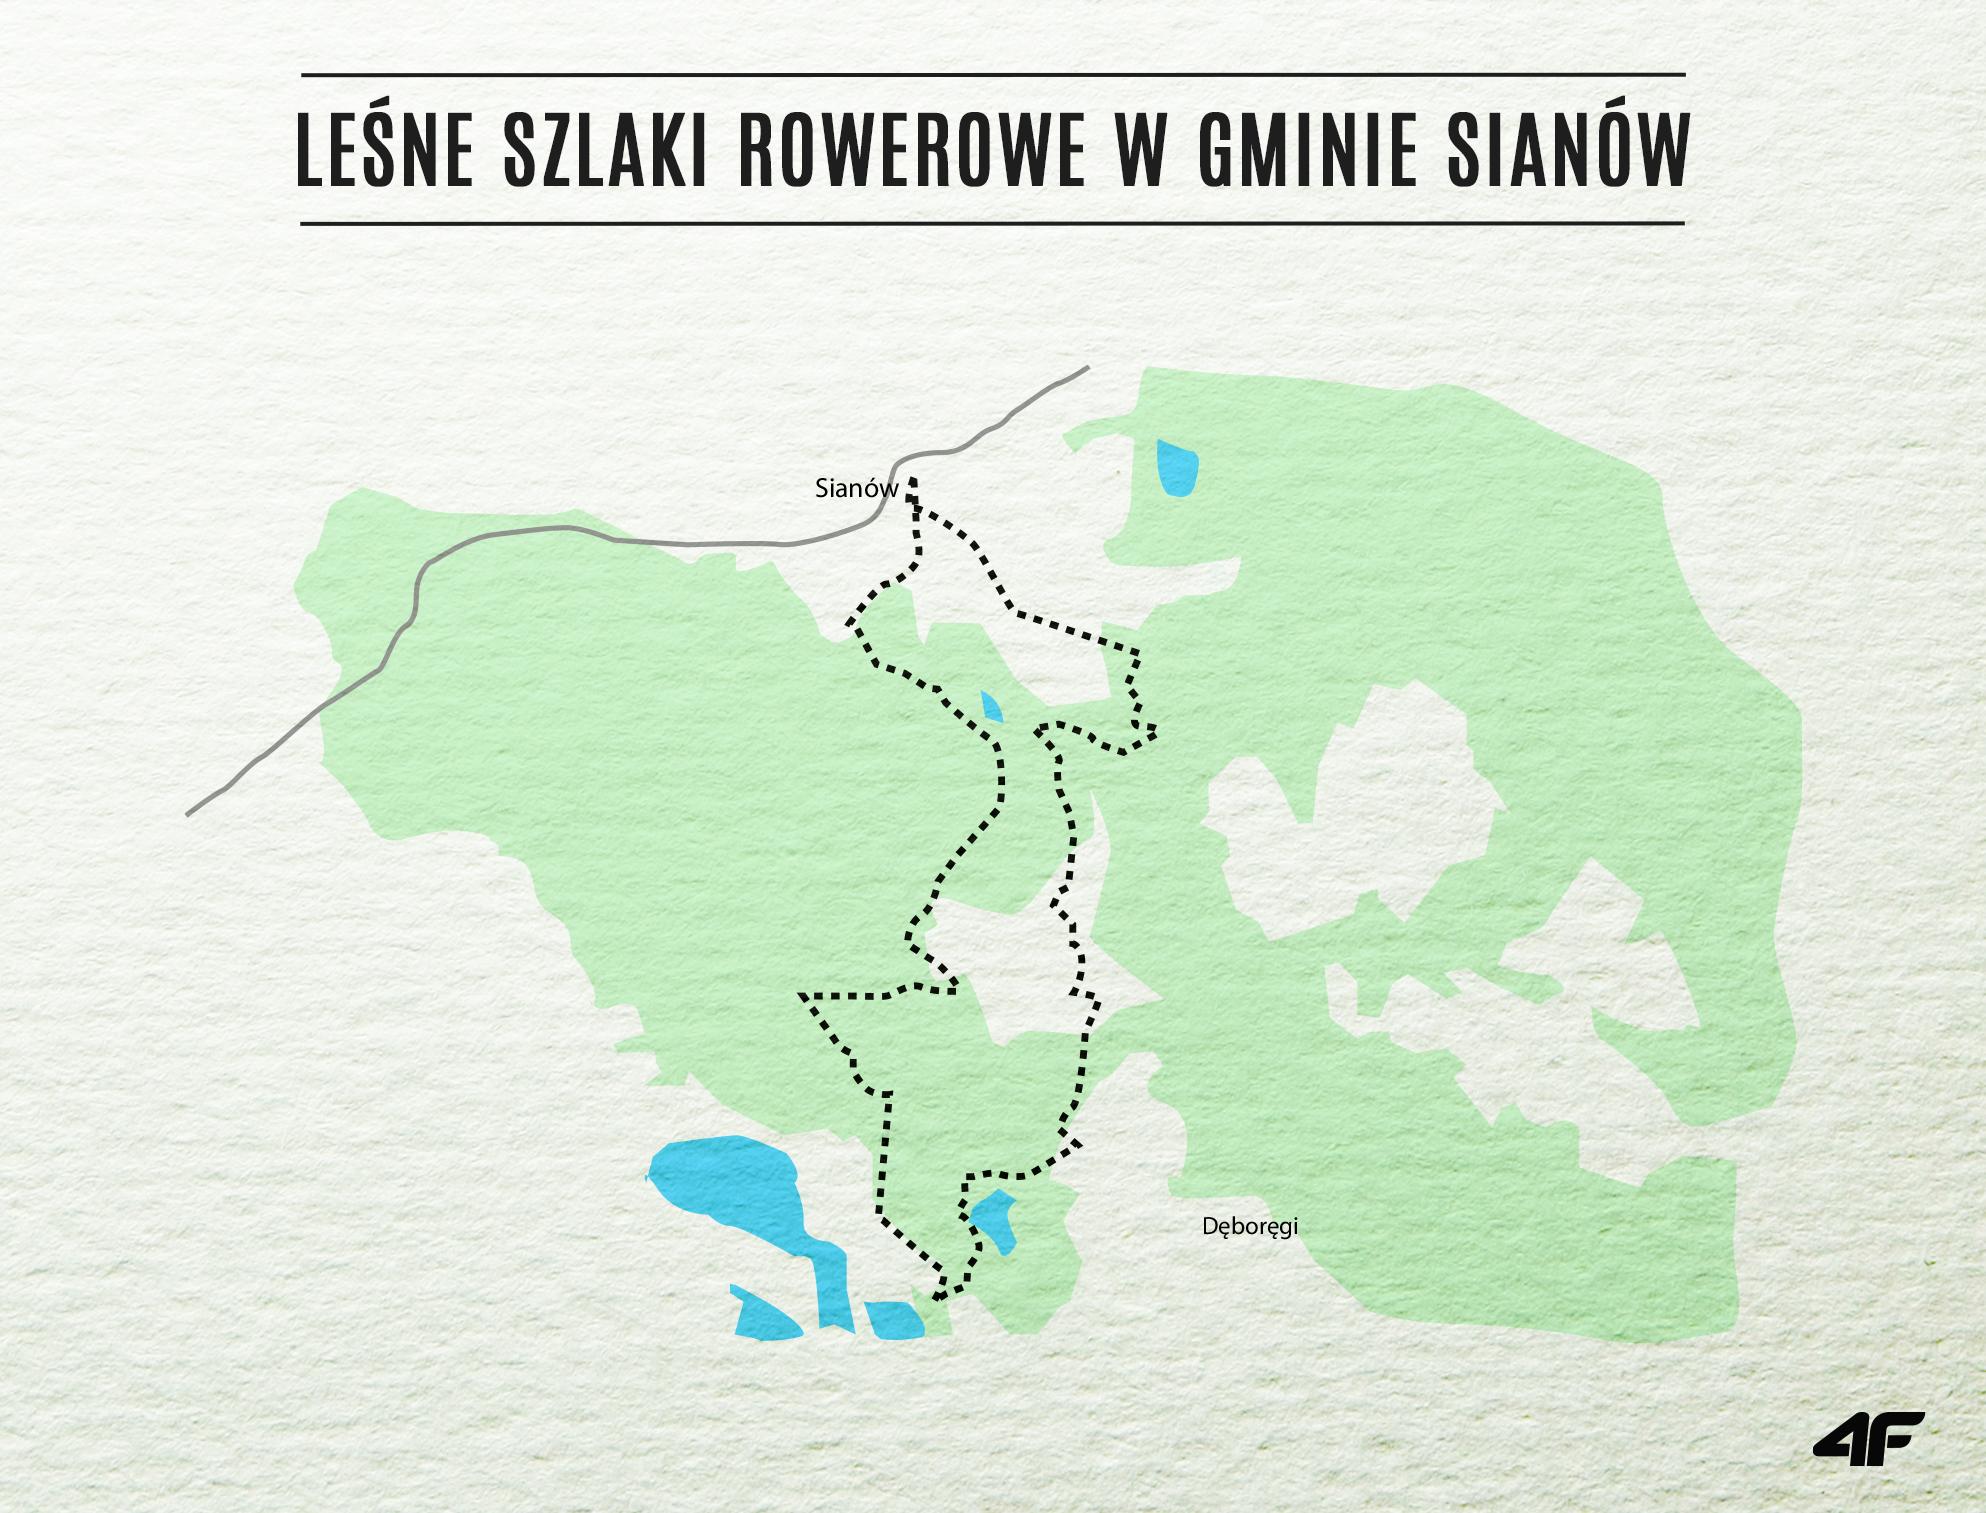 leśne